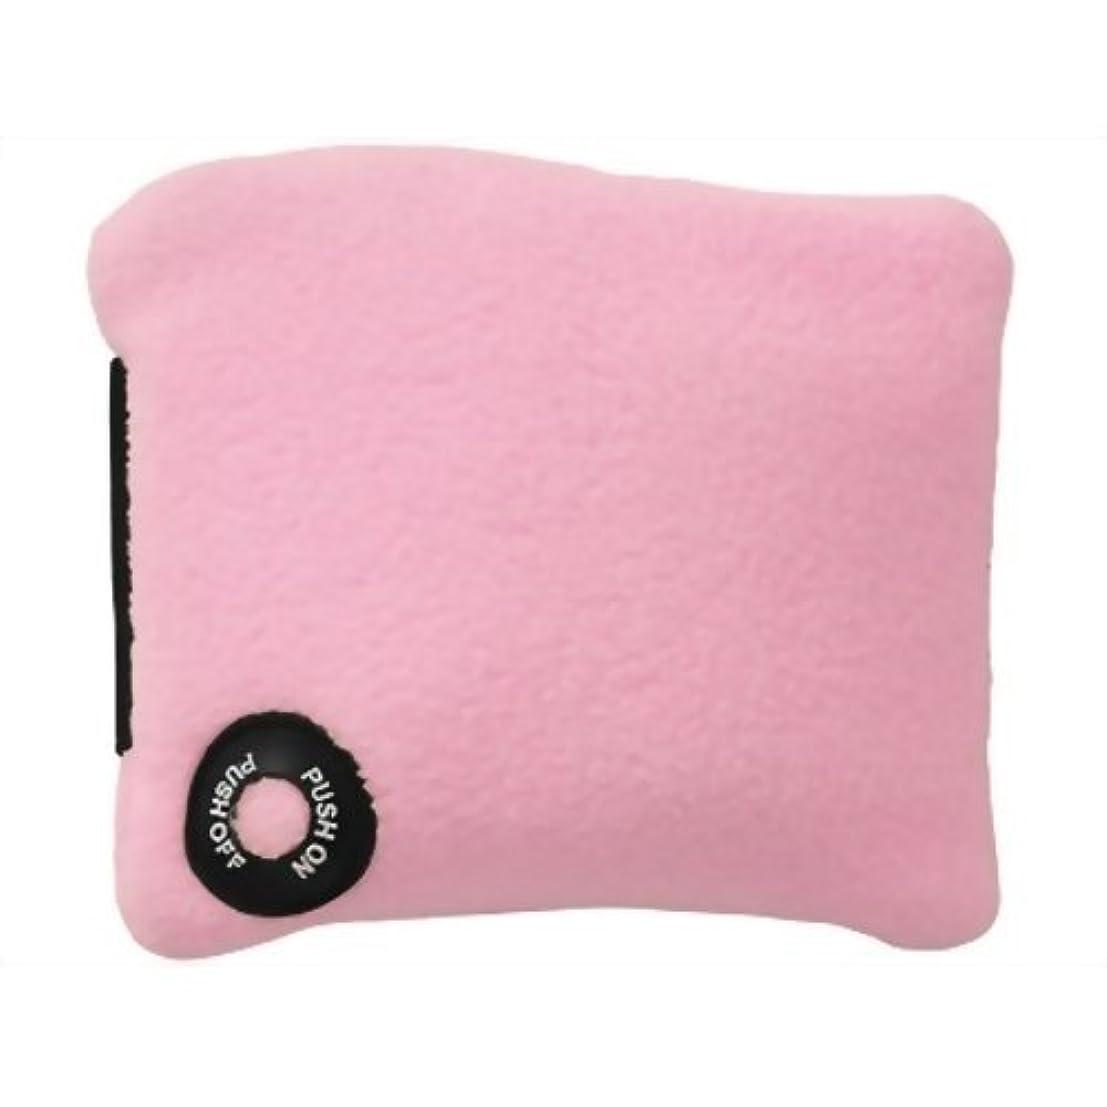 驚くばかり全員民間ぶるる 足用 ピンク フリーサイズ